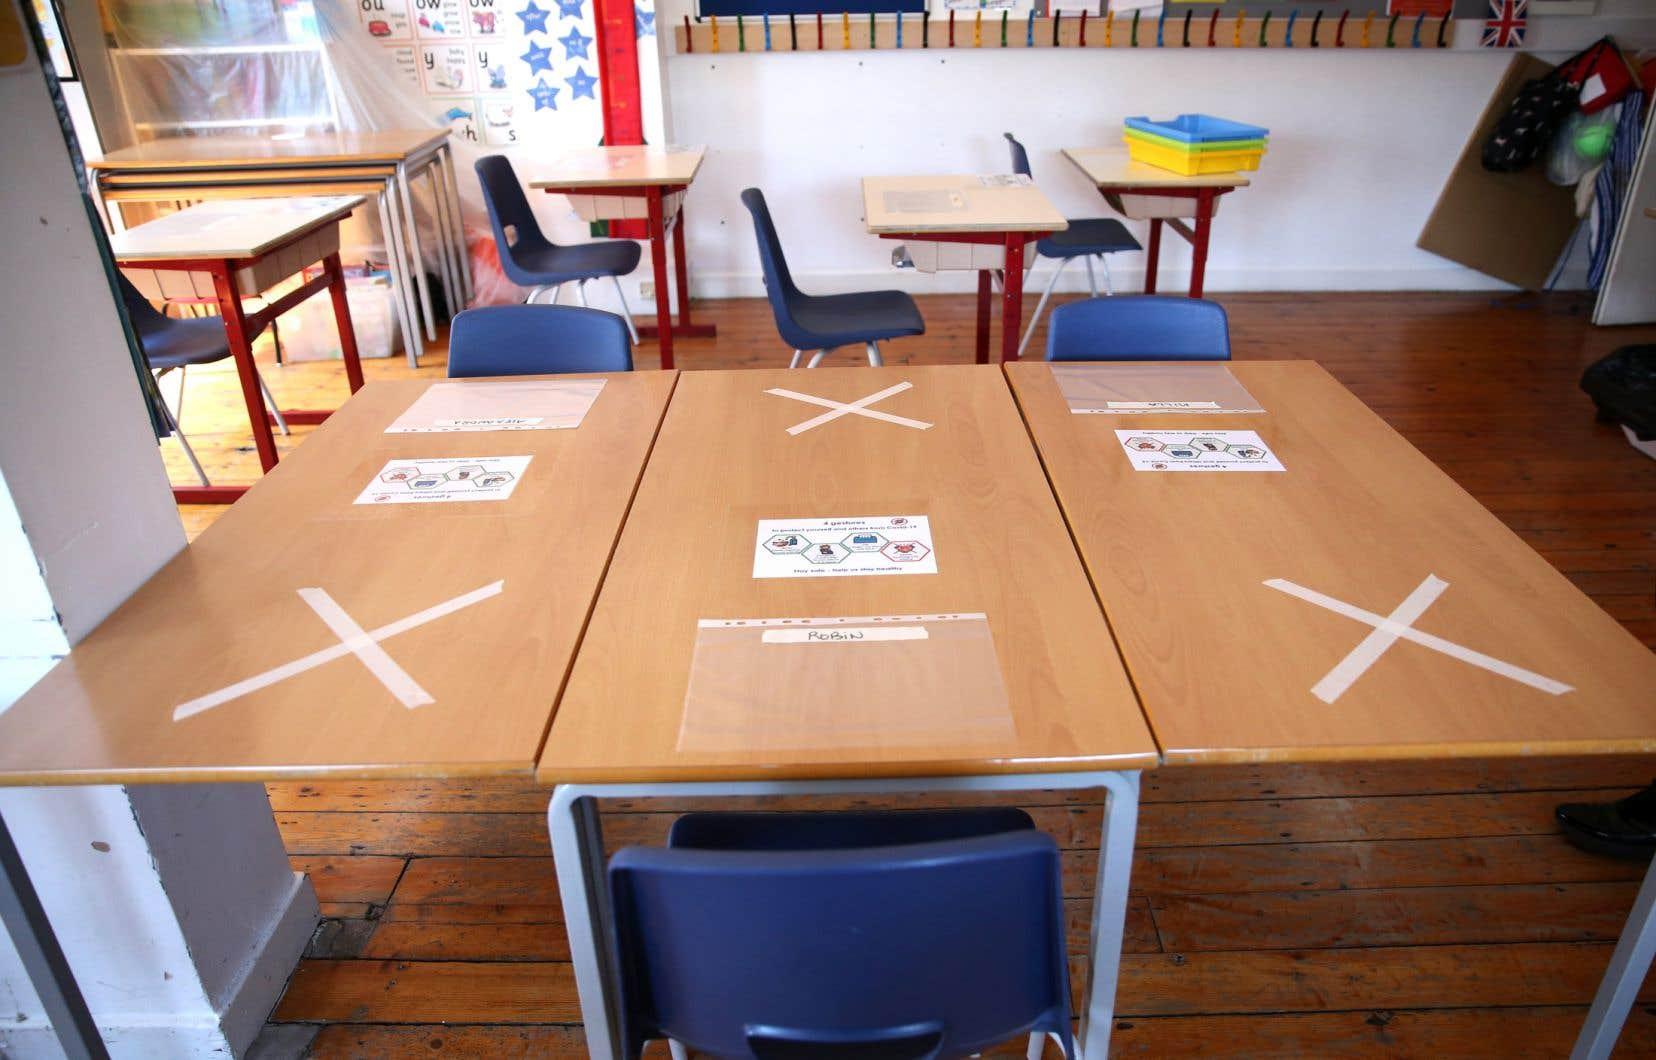 Une salle de classe réaménagée pour respecter les mesures de distanciation, dans une école londonienne.